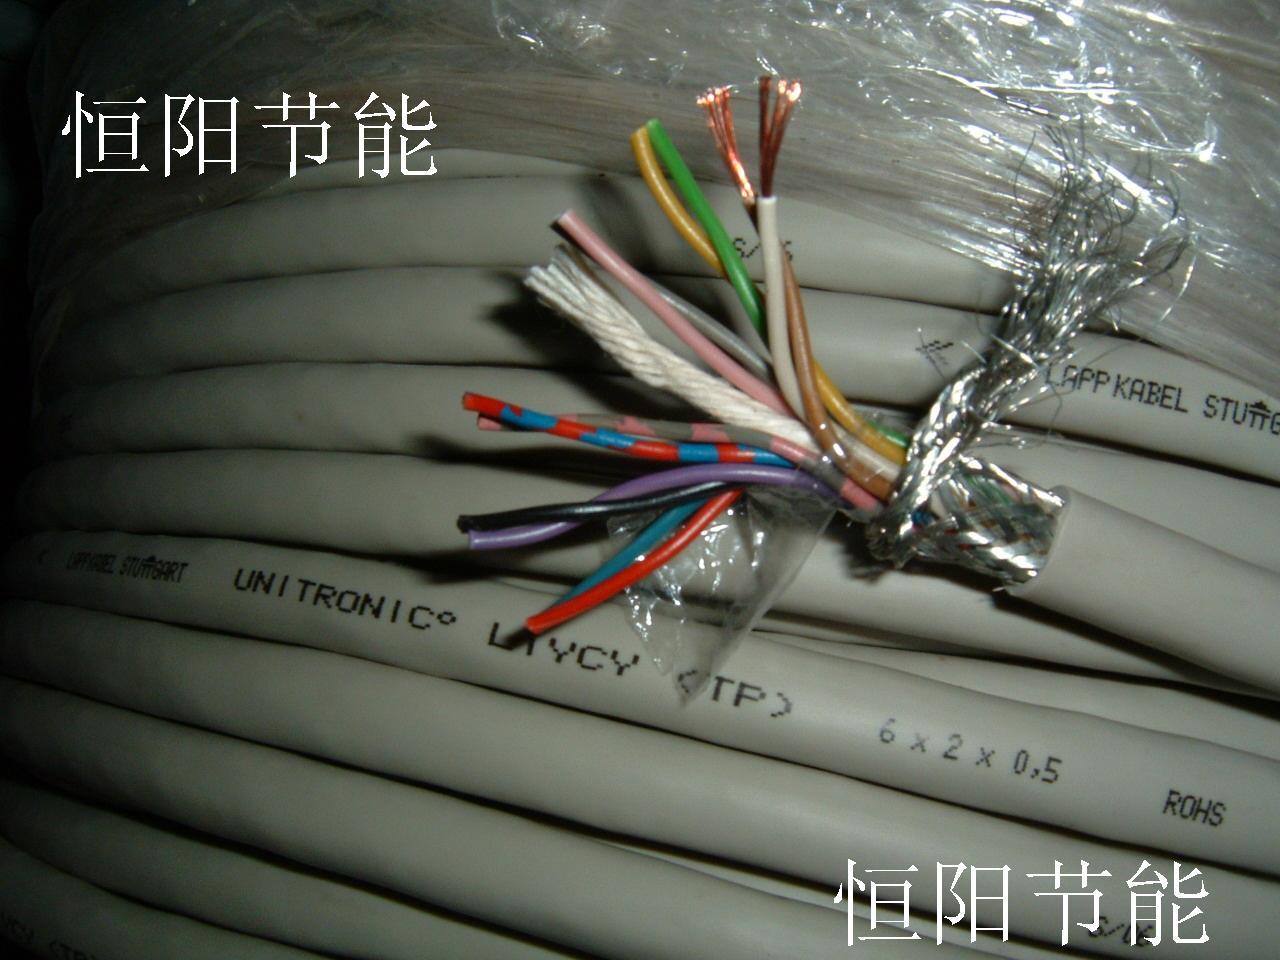 德国缆普UNITRONIC LiYCY(TP) 12芯0.5平方双绞屏蔽线 数据传输缆